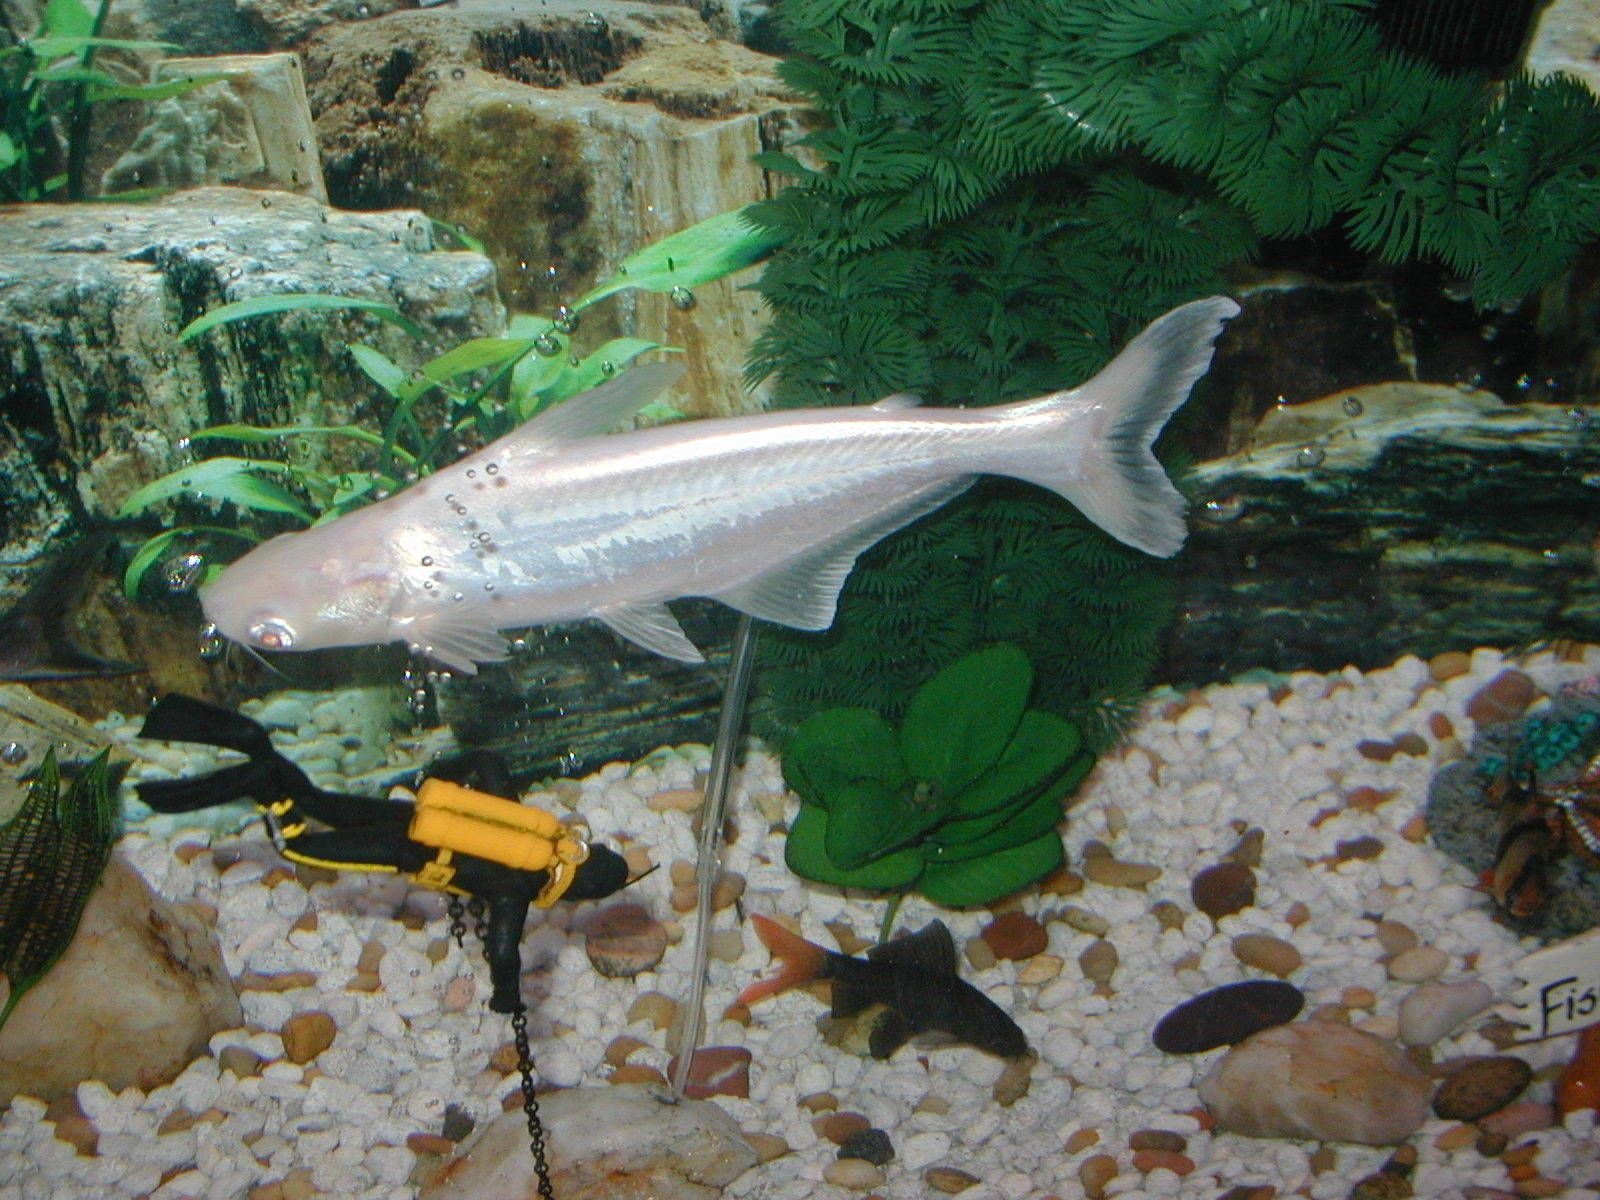 2007 aquarium fish photo ace contest 1 albino catfish for 405 tropical fish